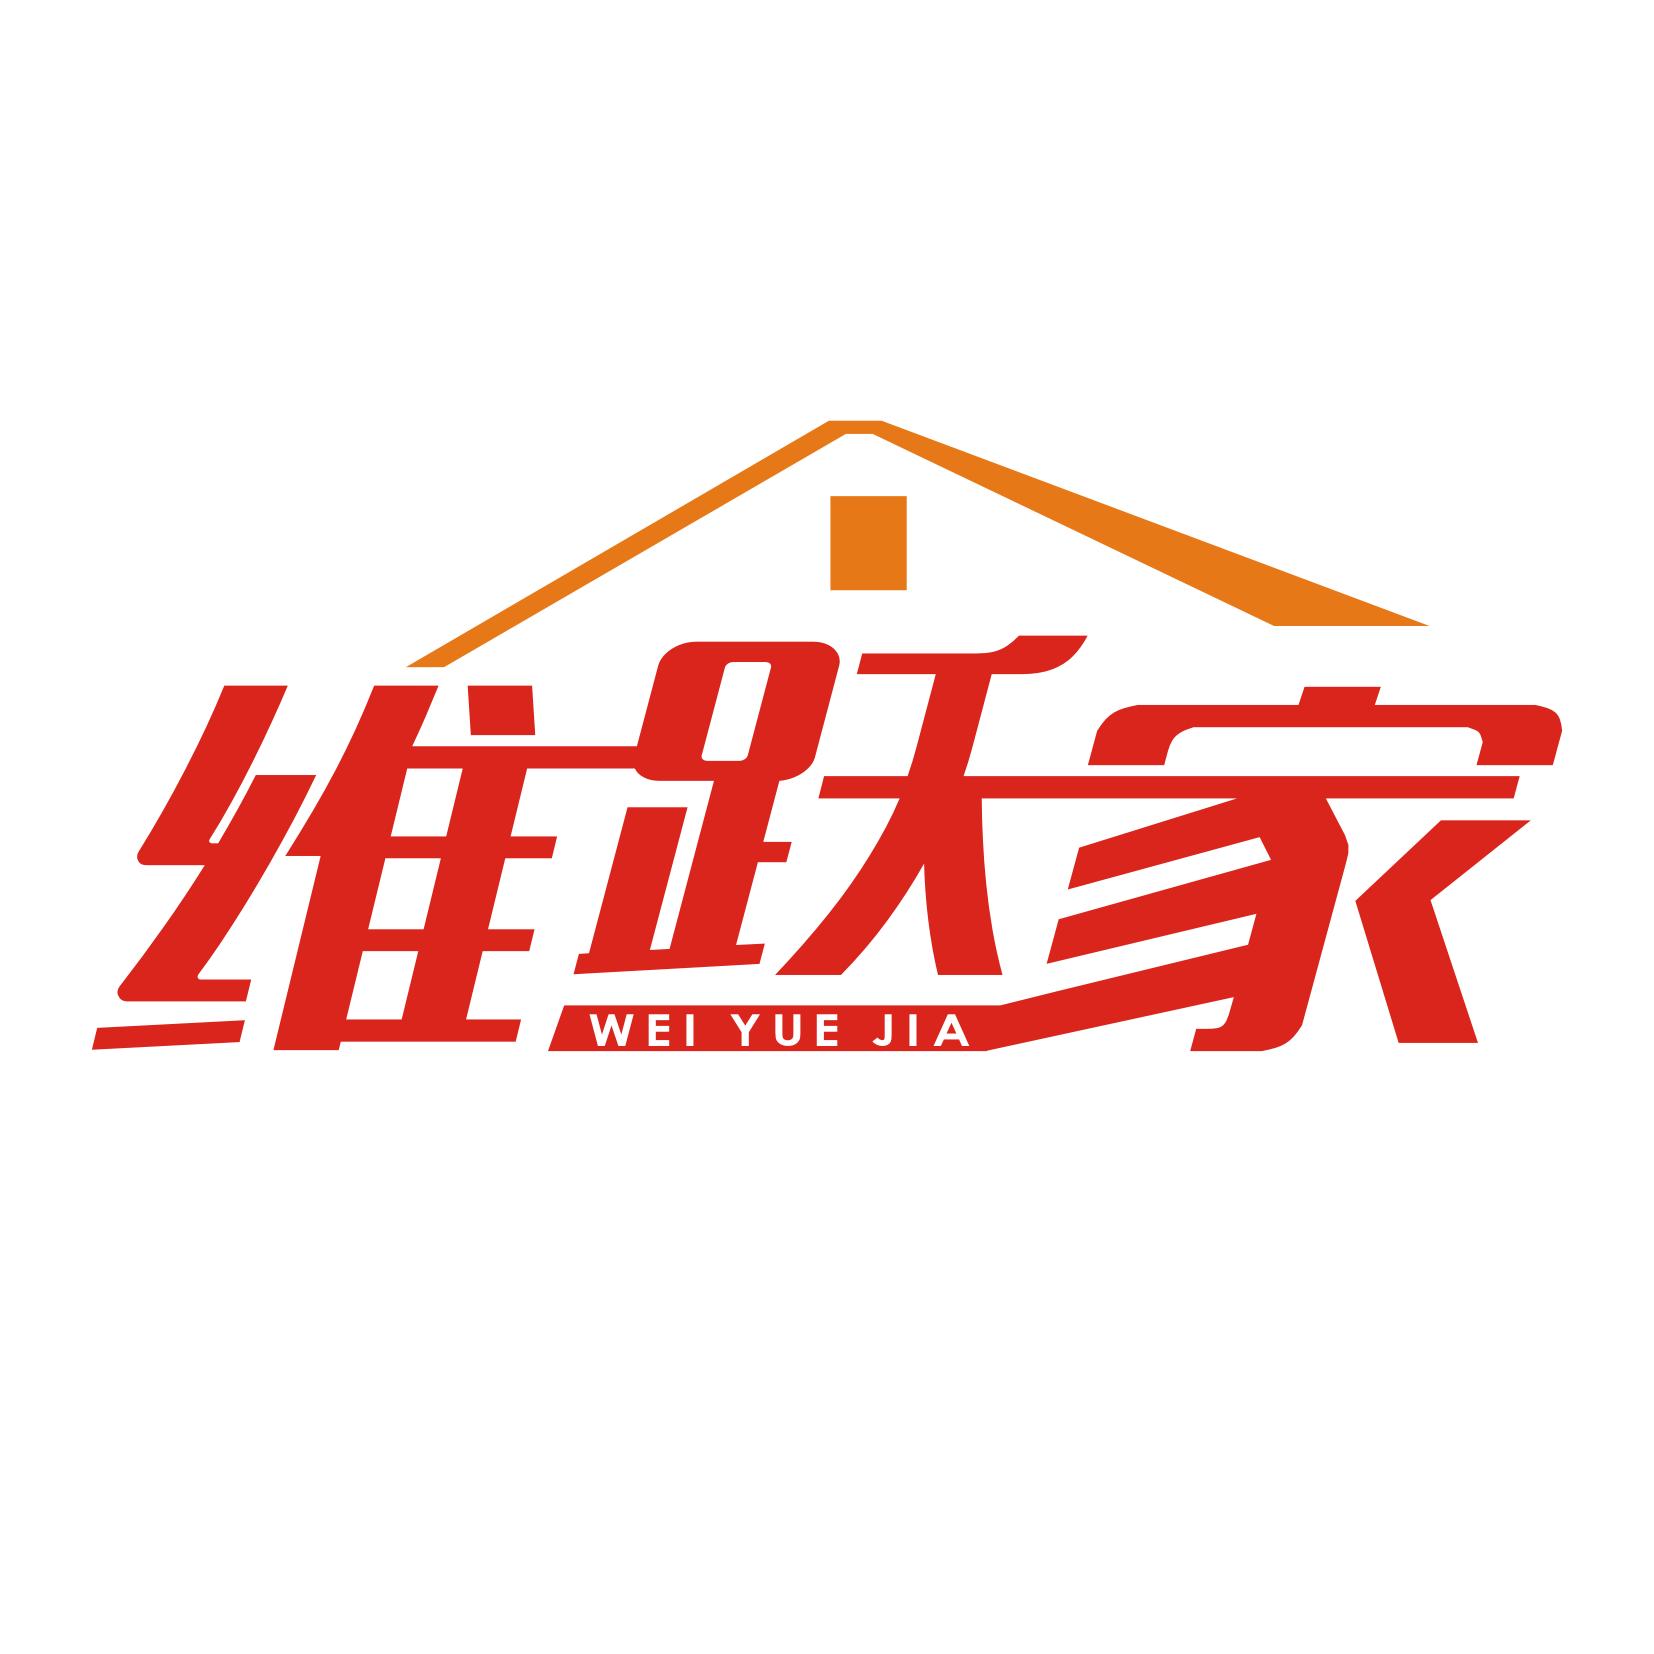 贵州维跃家家政服务有限公司;